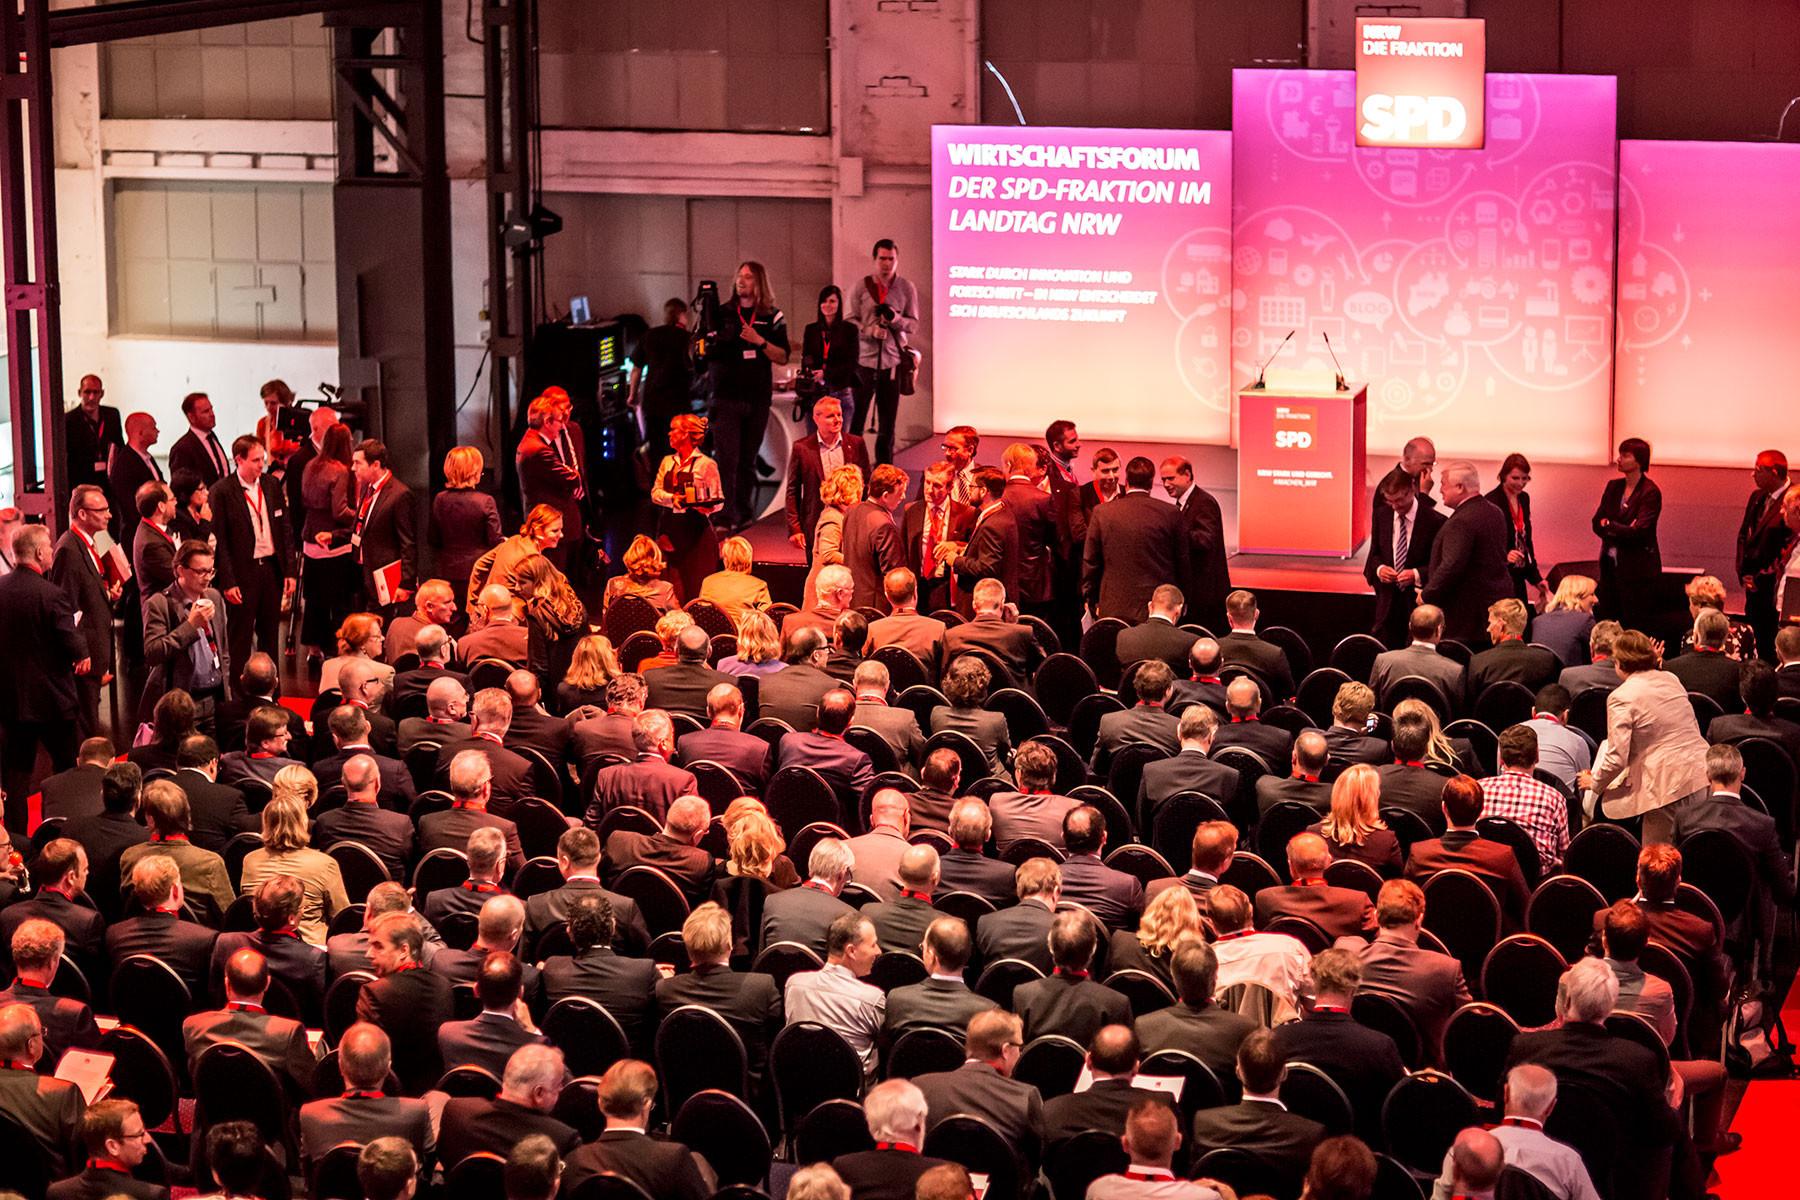 EVENTS - SPD-Fraktion/NRW, WIRTSCHAFTSFORUM 2015, Düsseldorf